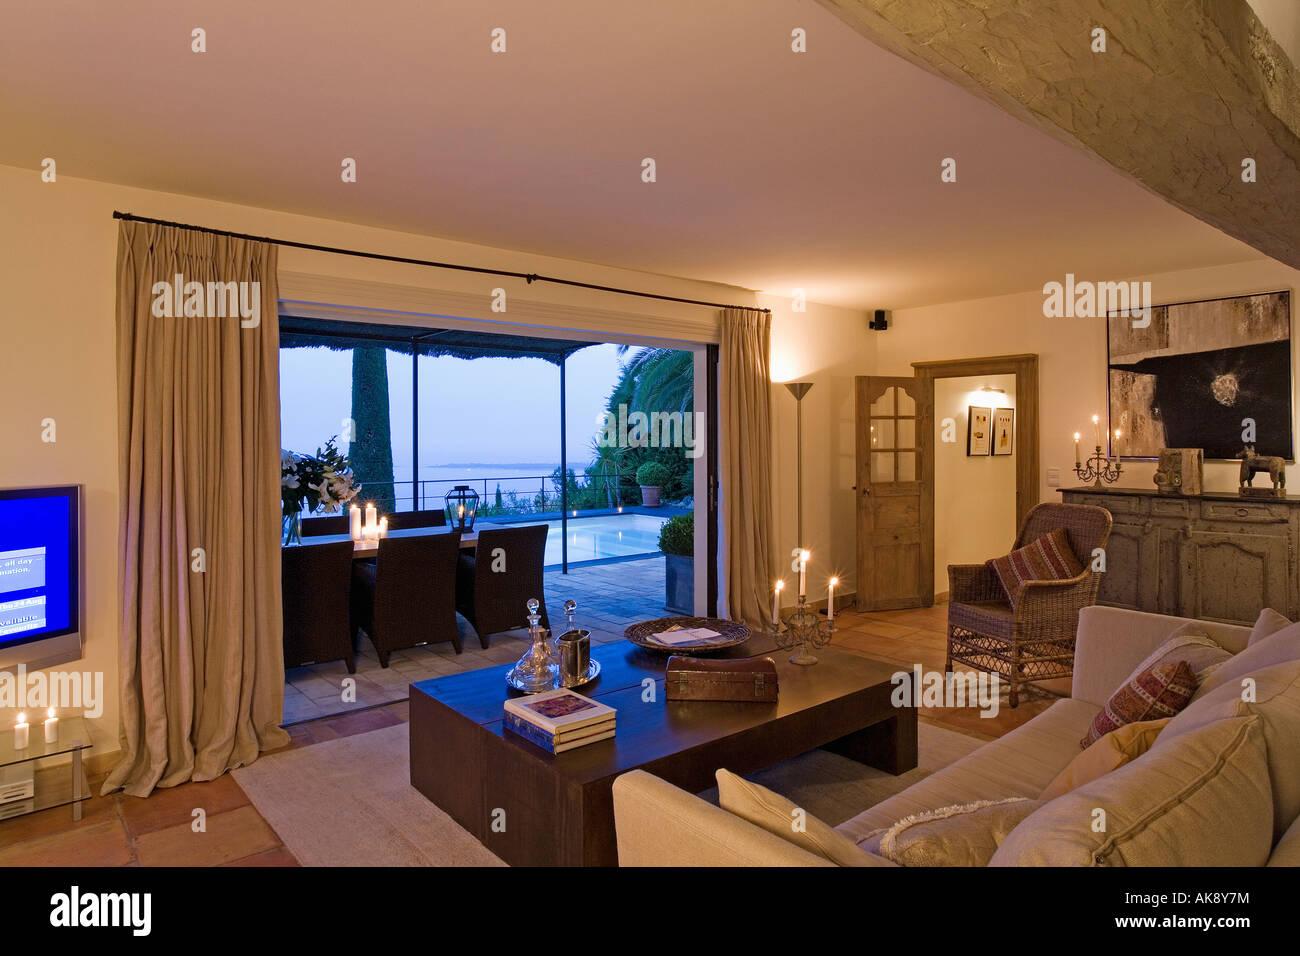 Modernes Wohnzimmer Mit Blick Durch Die Offenen Türen Der Terrasse Am Abend  Stockbild